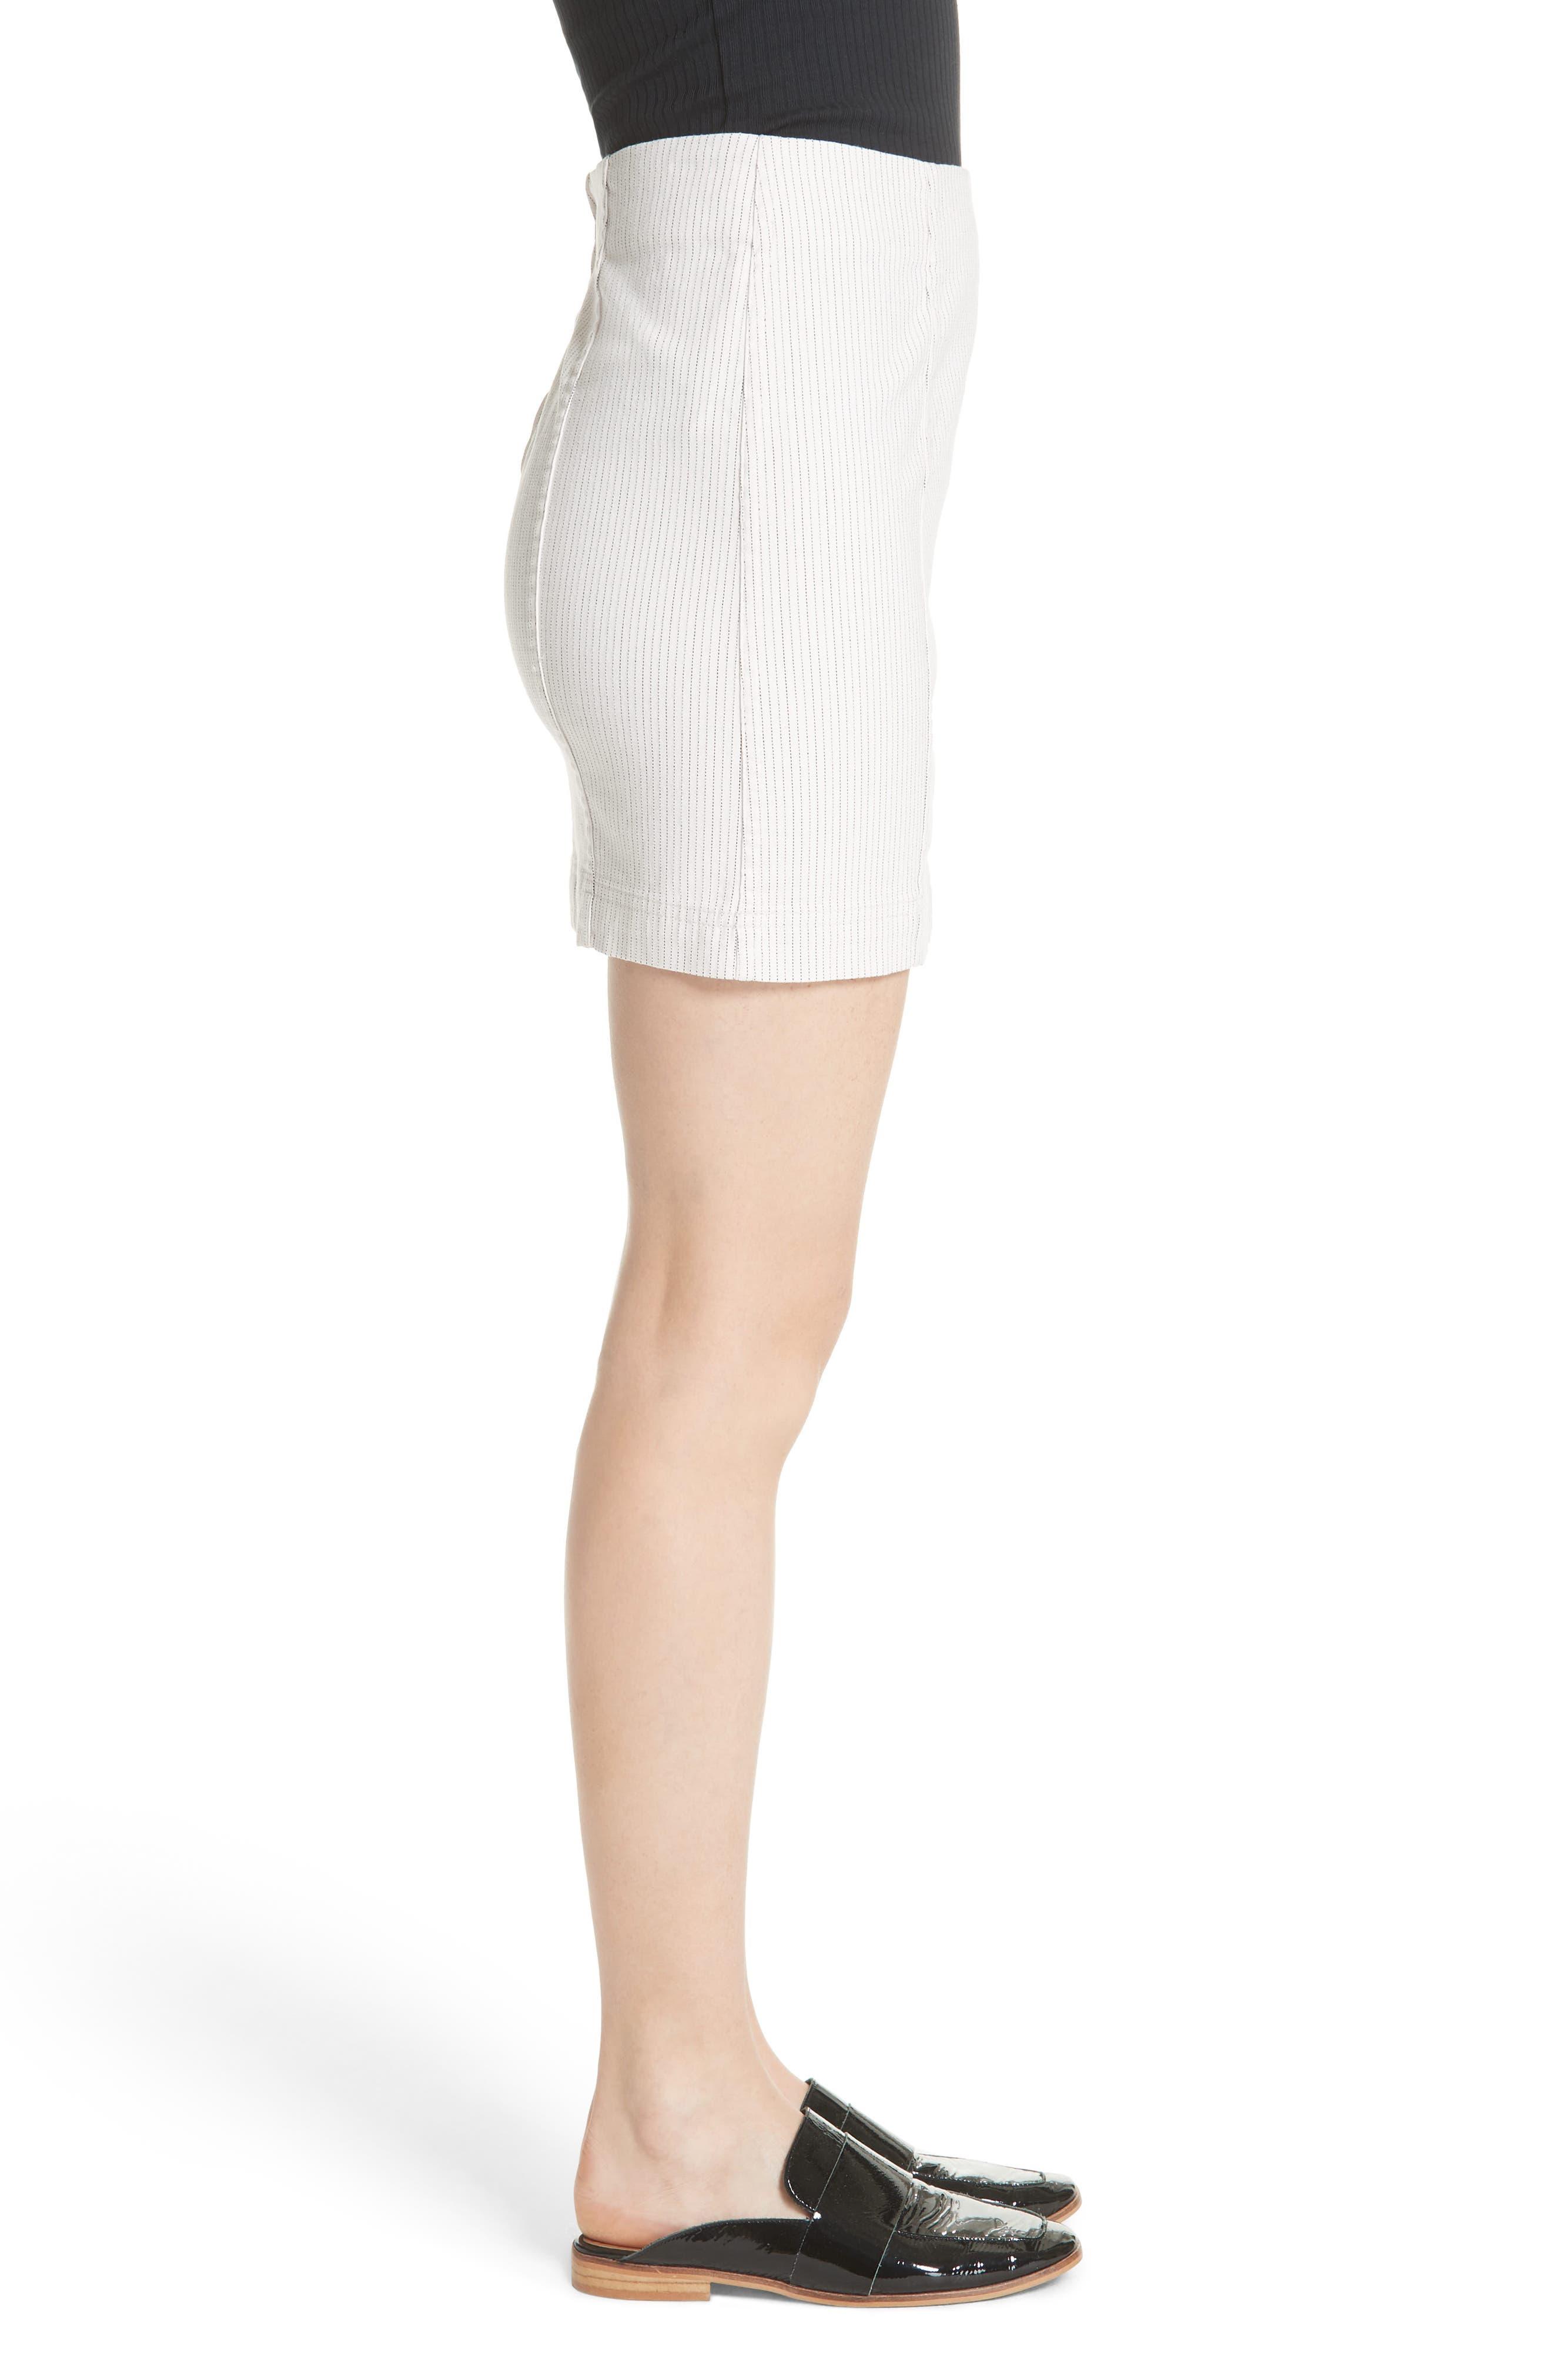 Modern Femme Pinstripe Skirt,                             Alternate thumbnail 3, color,                             Black And White Combo